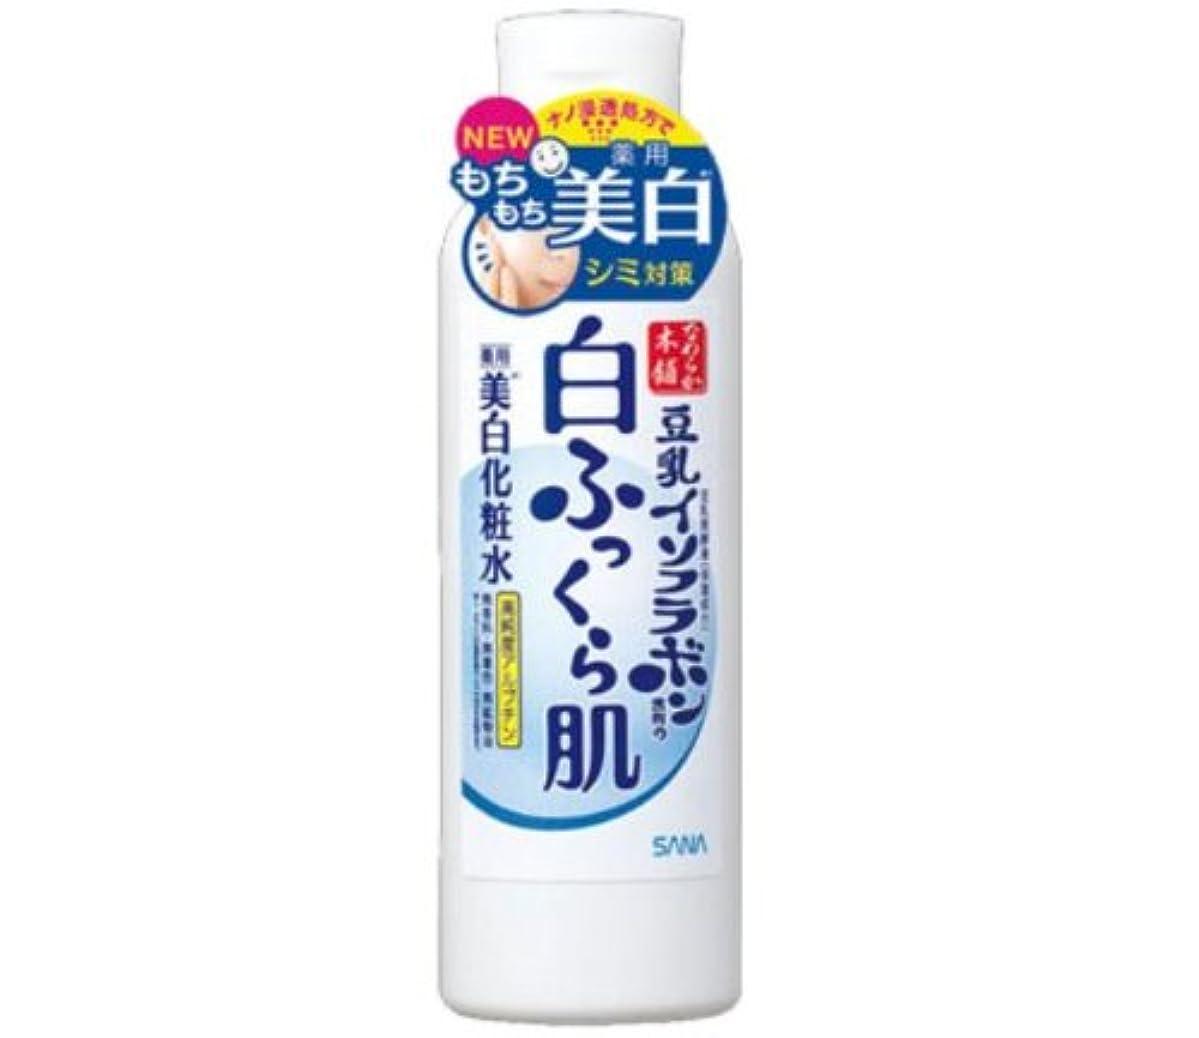 ハッチアジア人補償なめらか本舗 美白化粧水